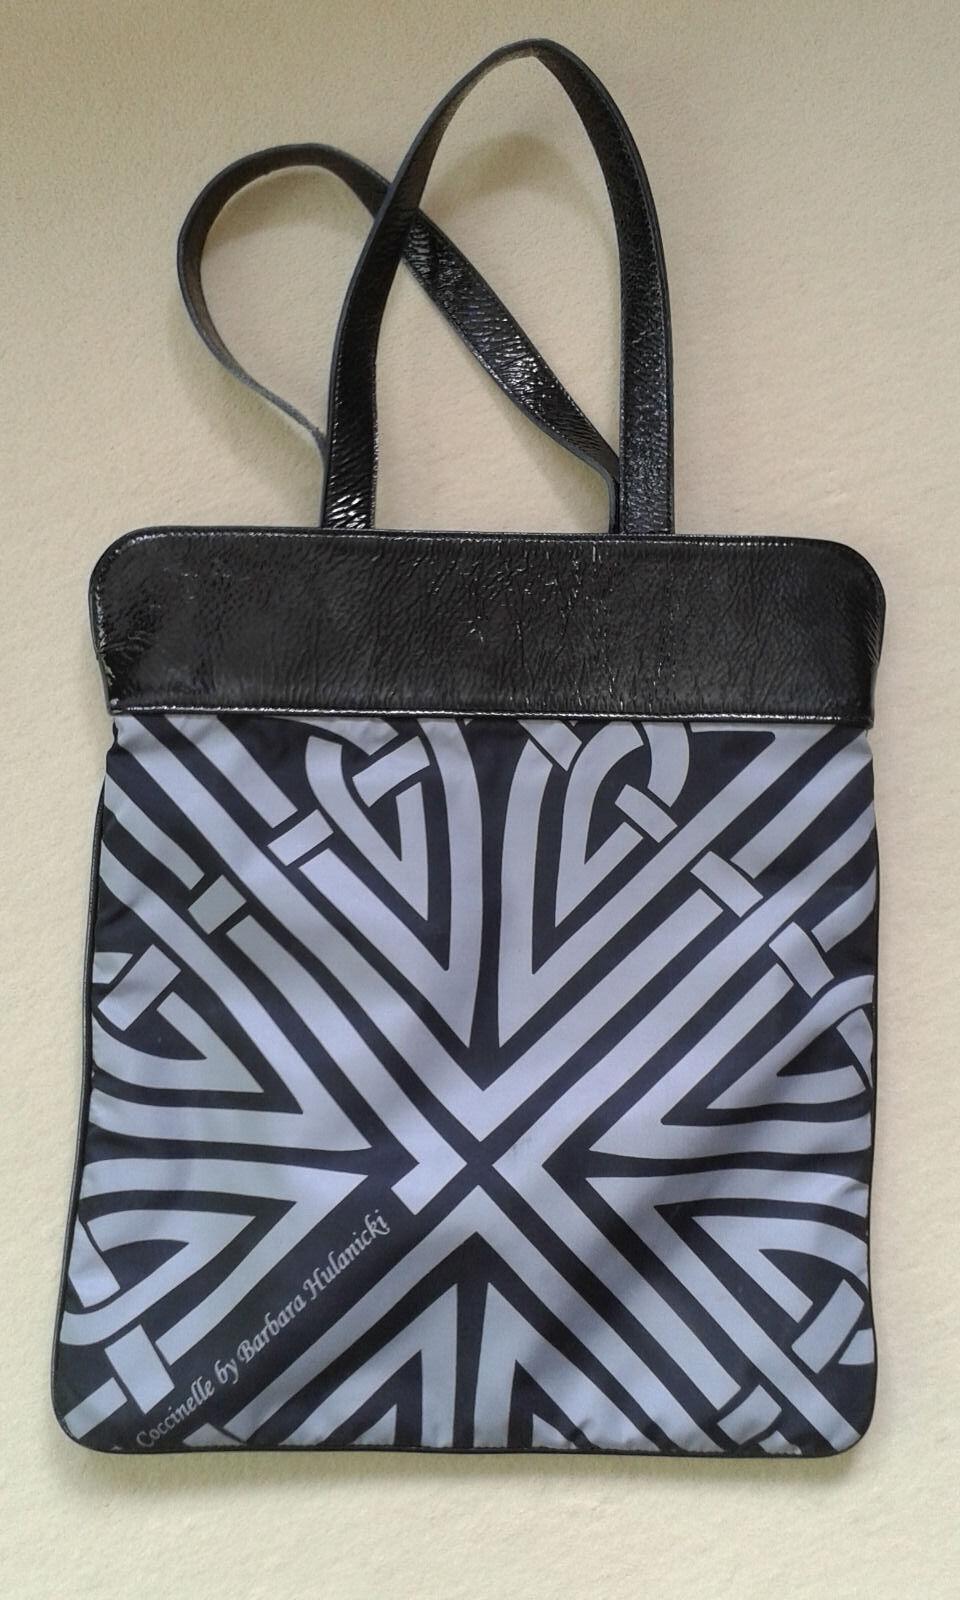 e5305dc0831e9 COCCINELLE Tasche Tasche Tasche Shopper